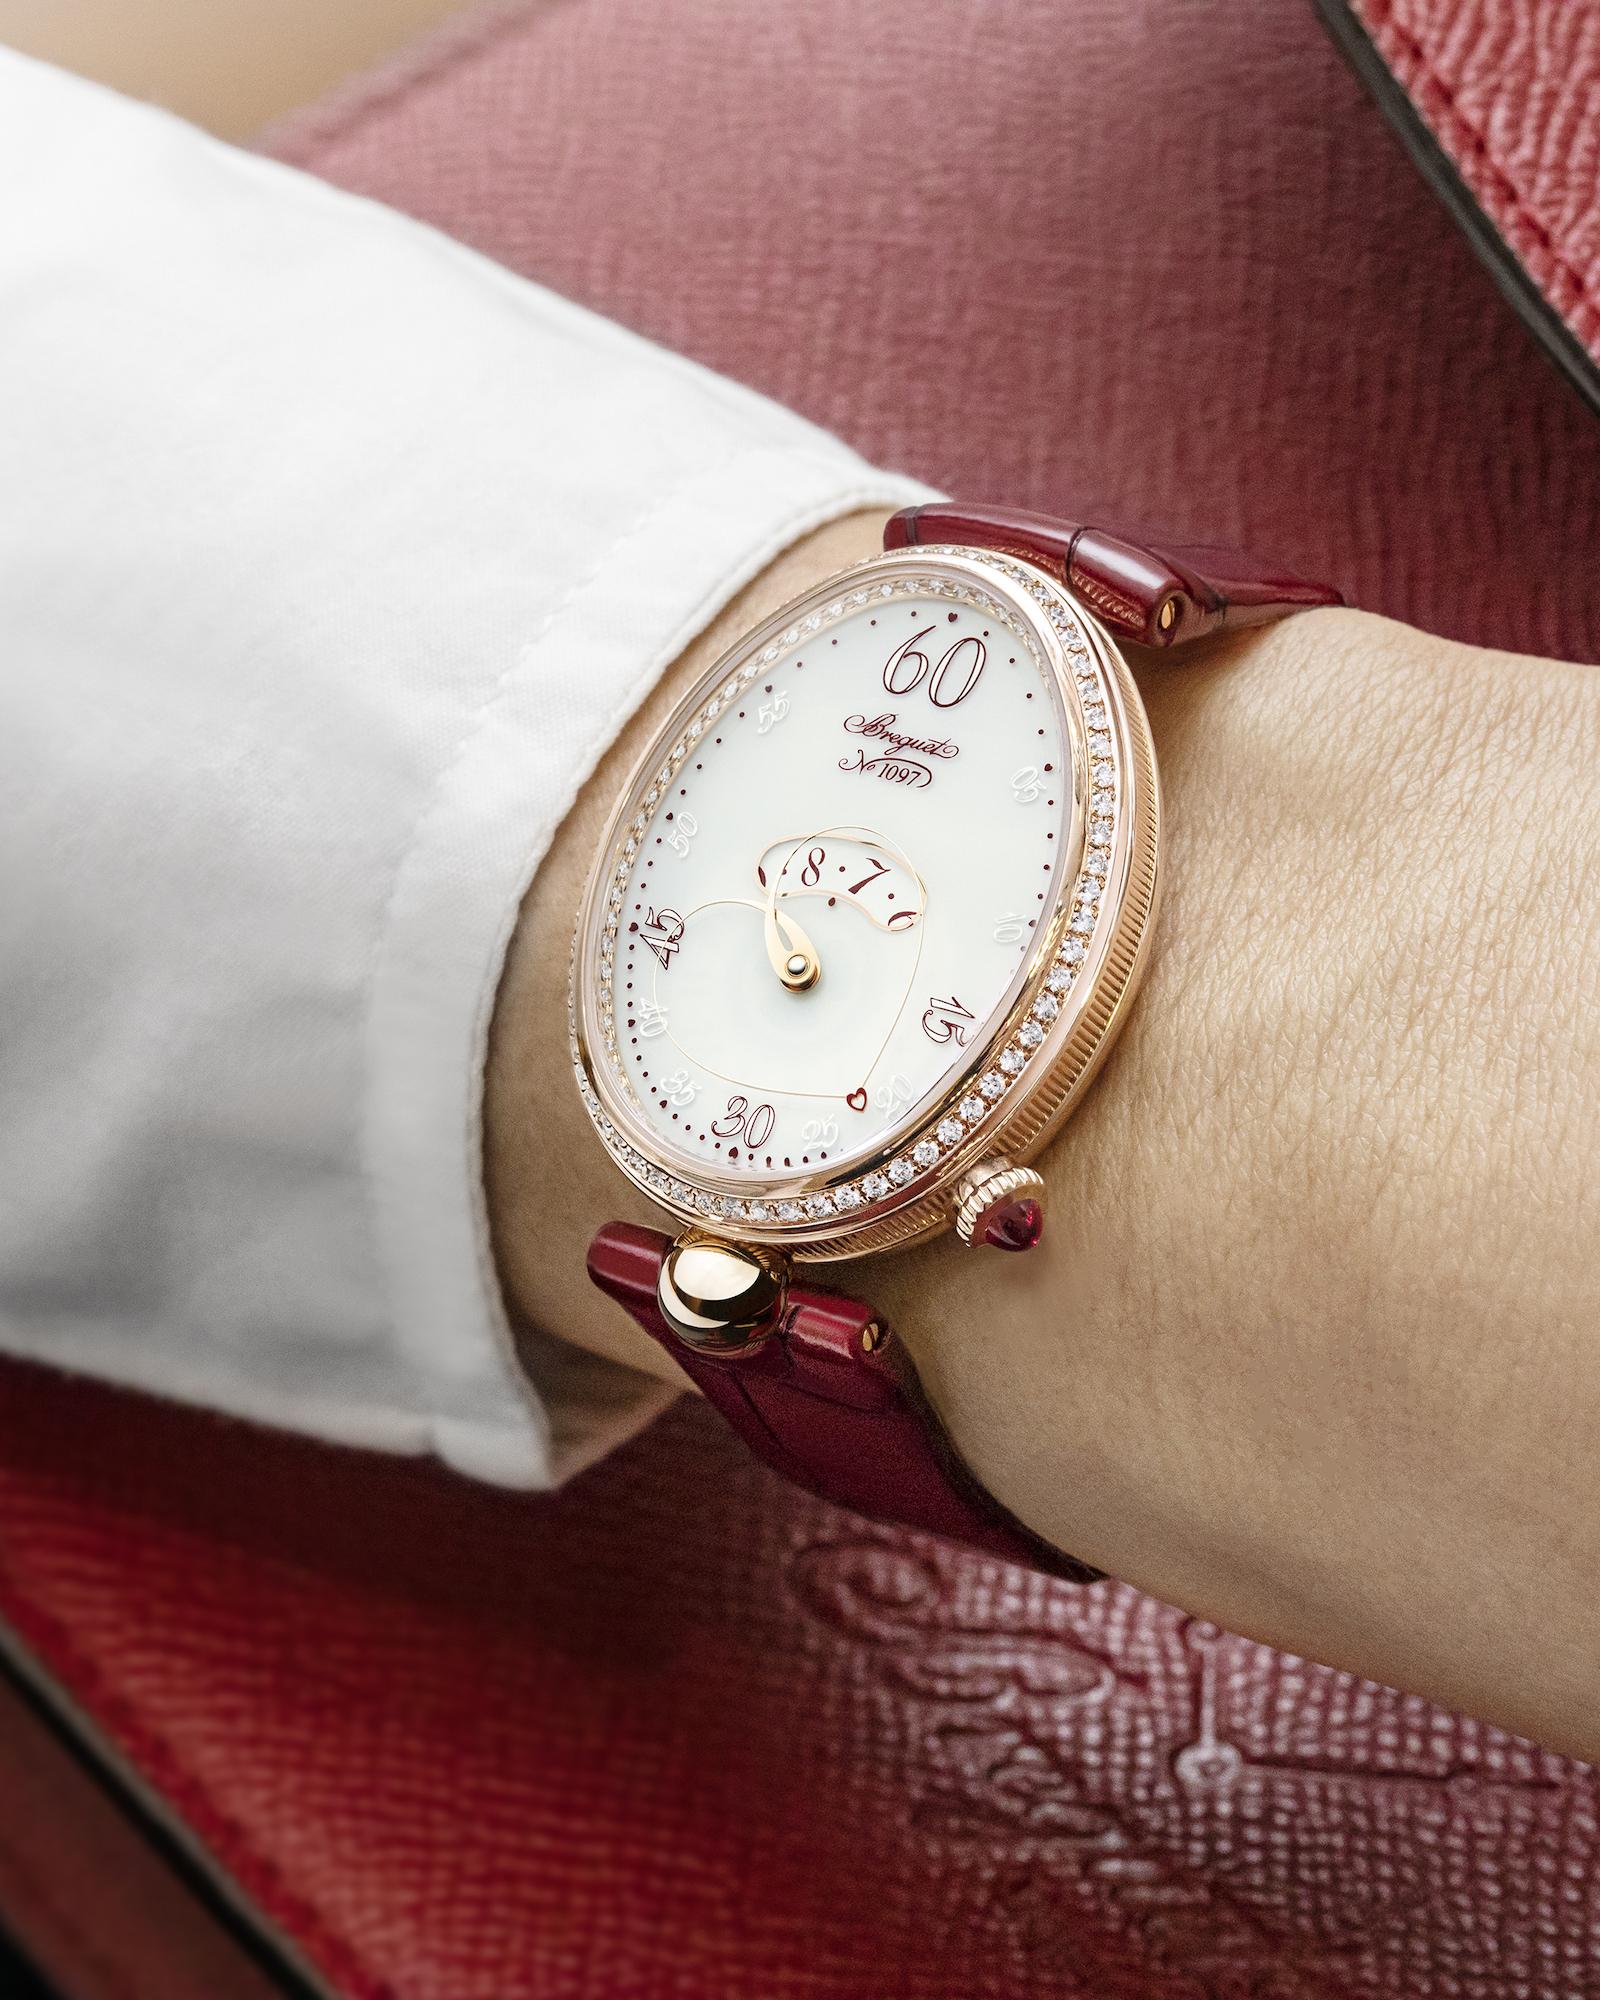 Breguet Reine de Naples Coeur 9825 wristshot